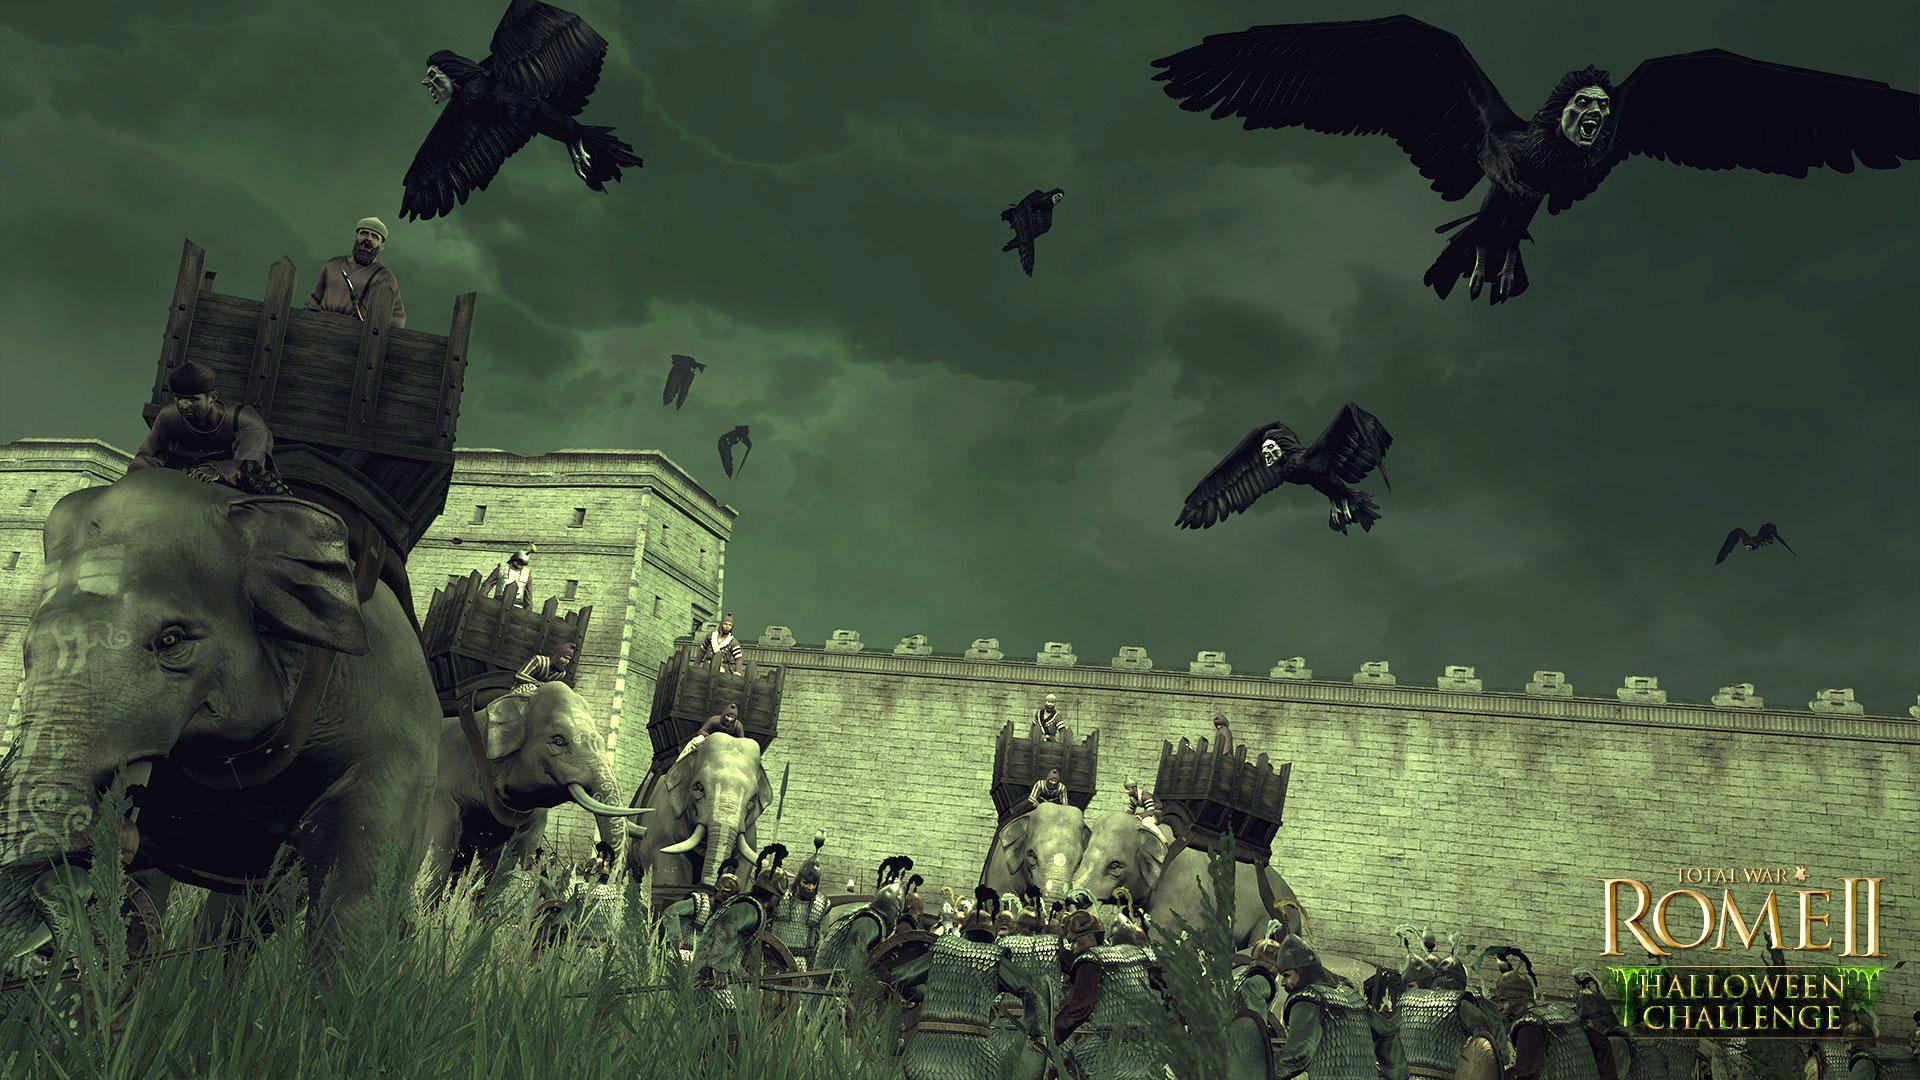 Rome 2 en Halloween